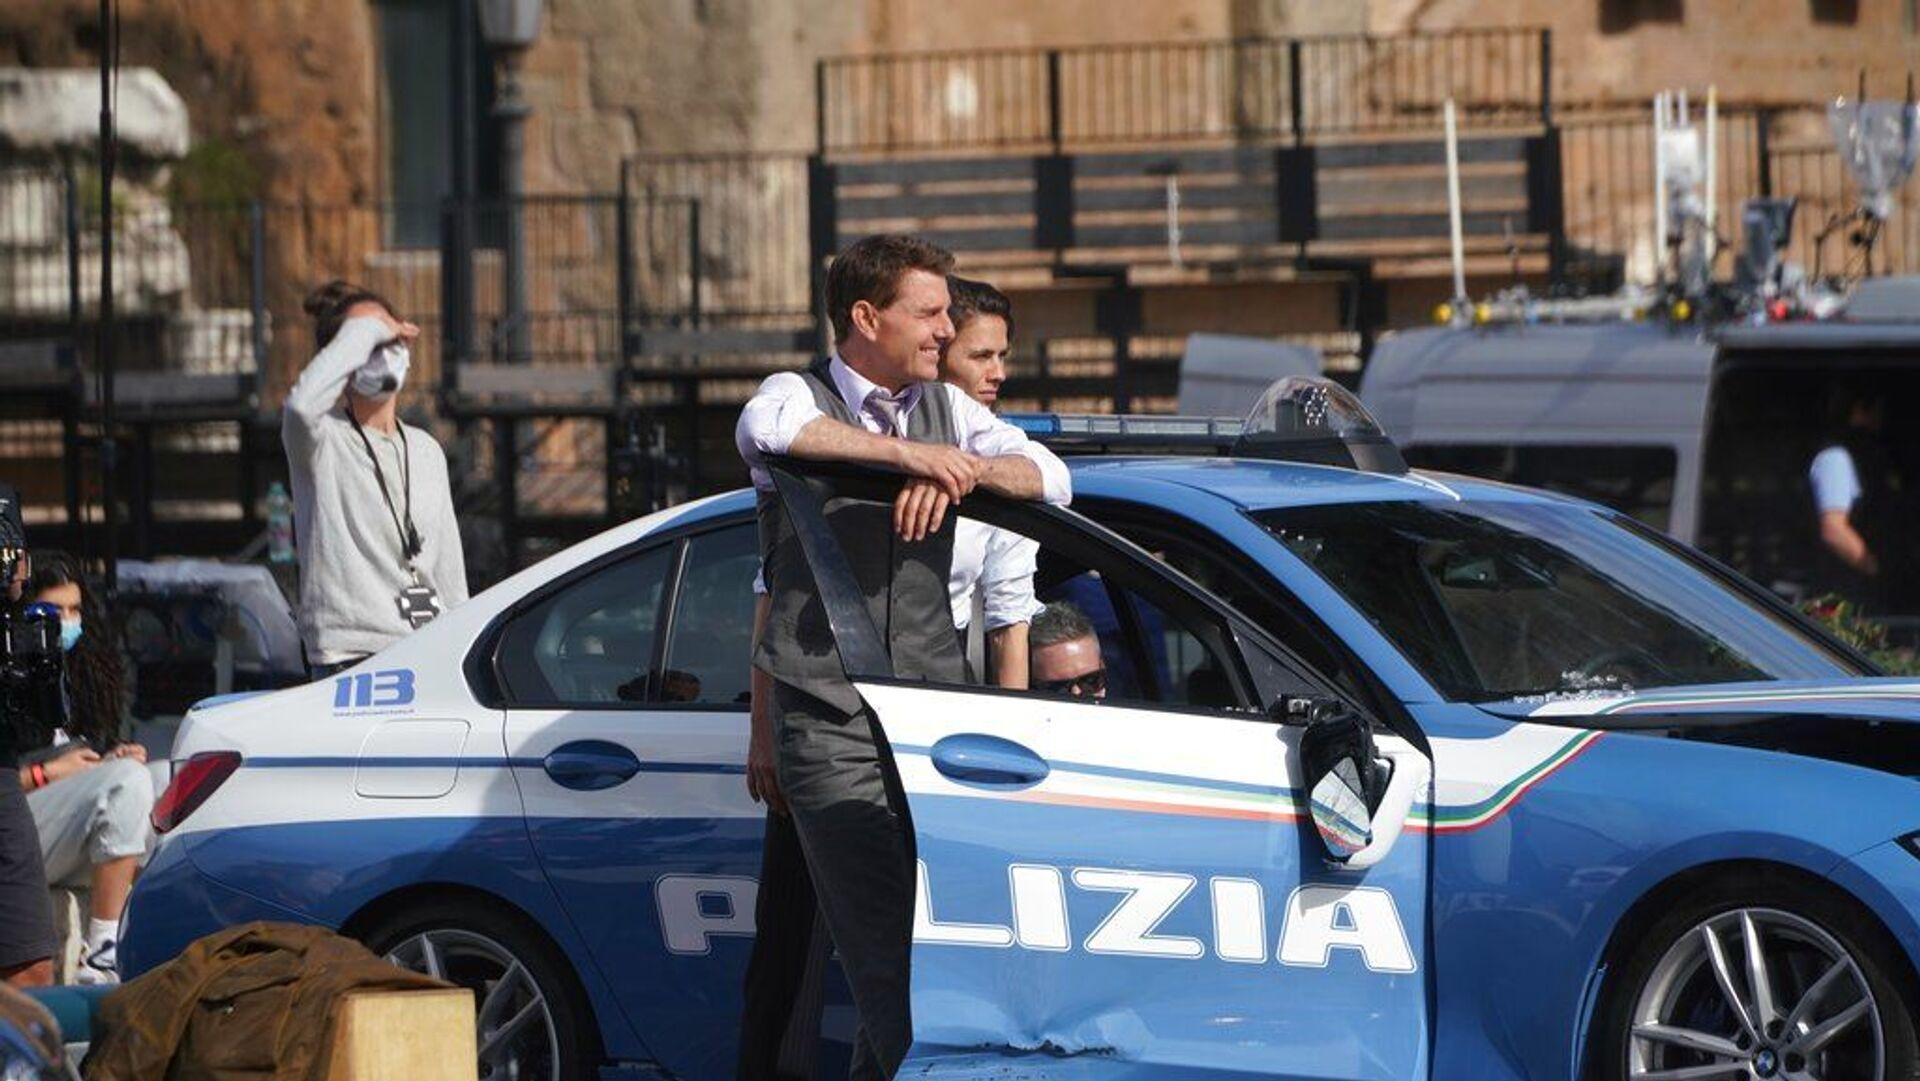 Tom Cruise během natáčení filmu Mission: Impossible 7 v Římě - Sputnik Česká republika, 1920, 31.08.2021